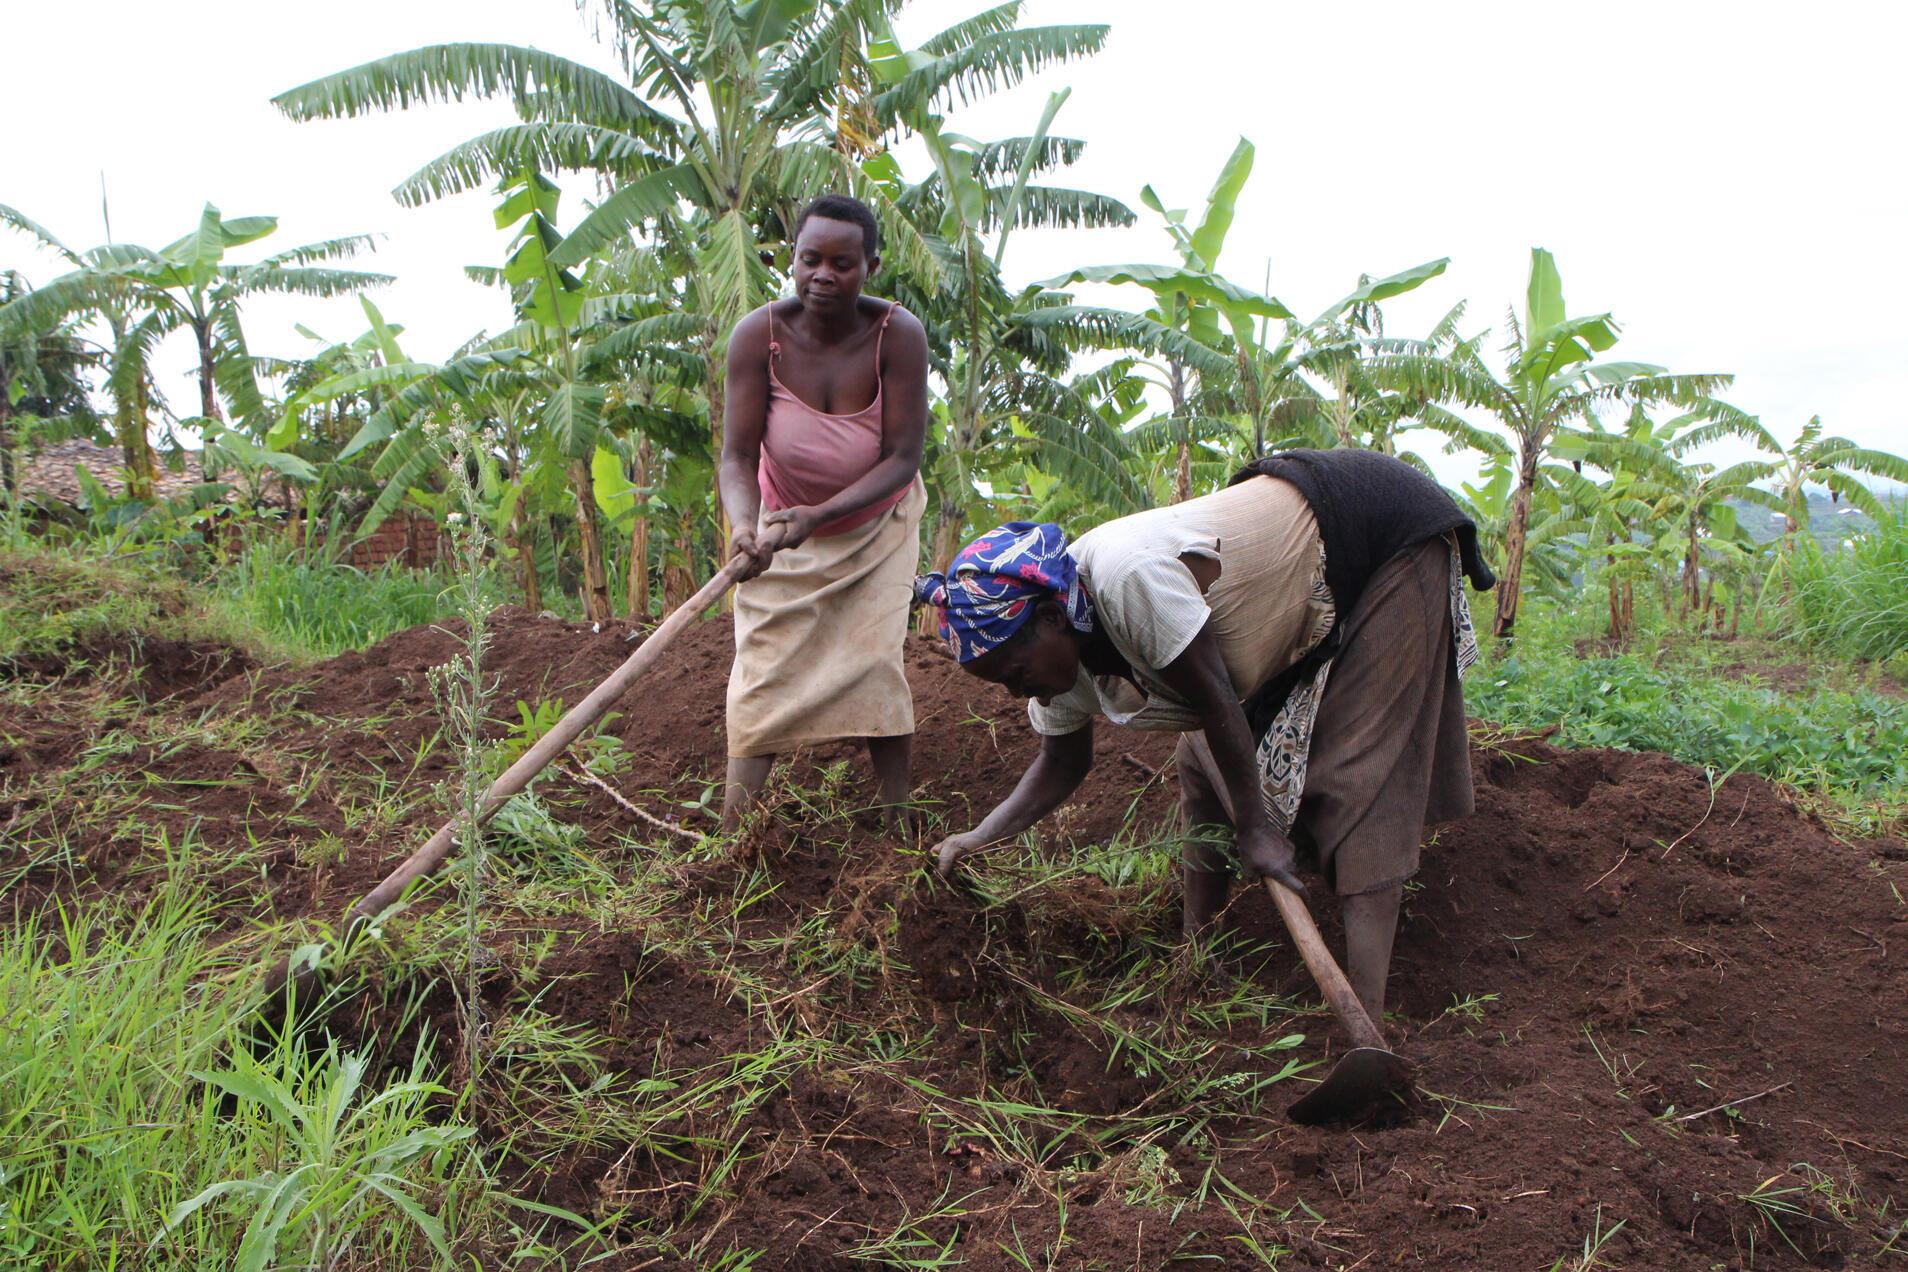 Des femmes travaillent la terre dans l'ouest du Rwanda.